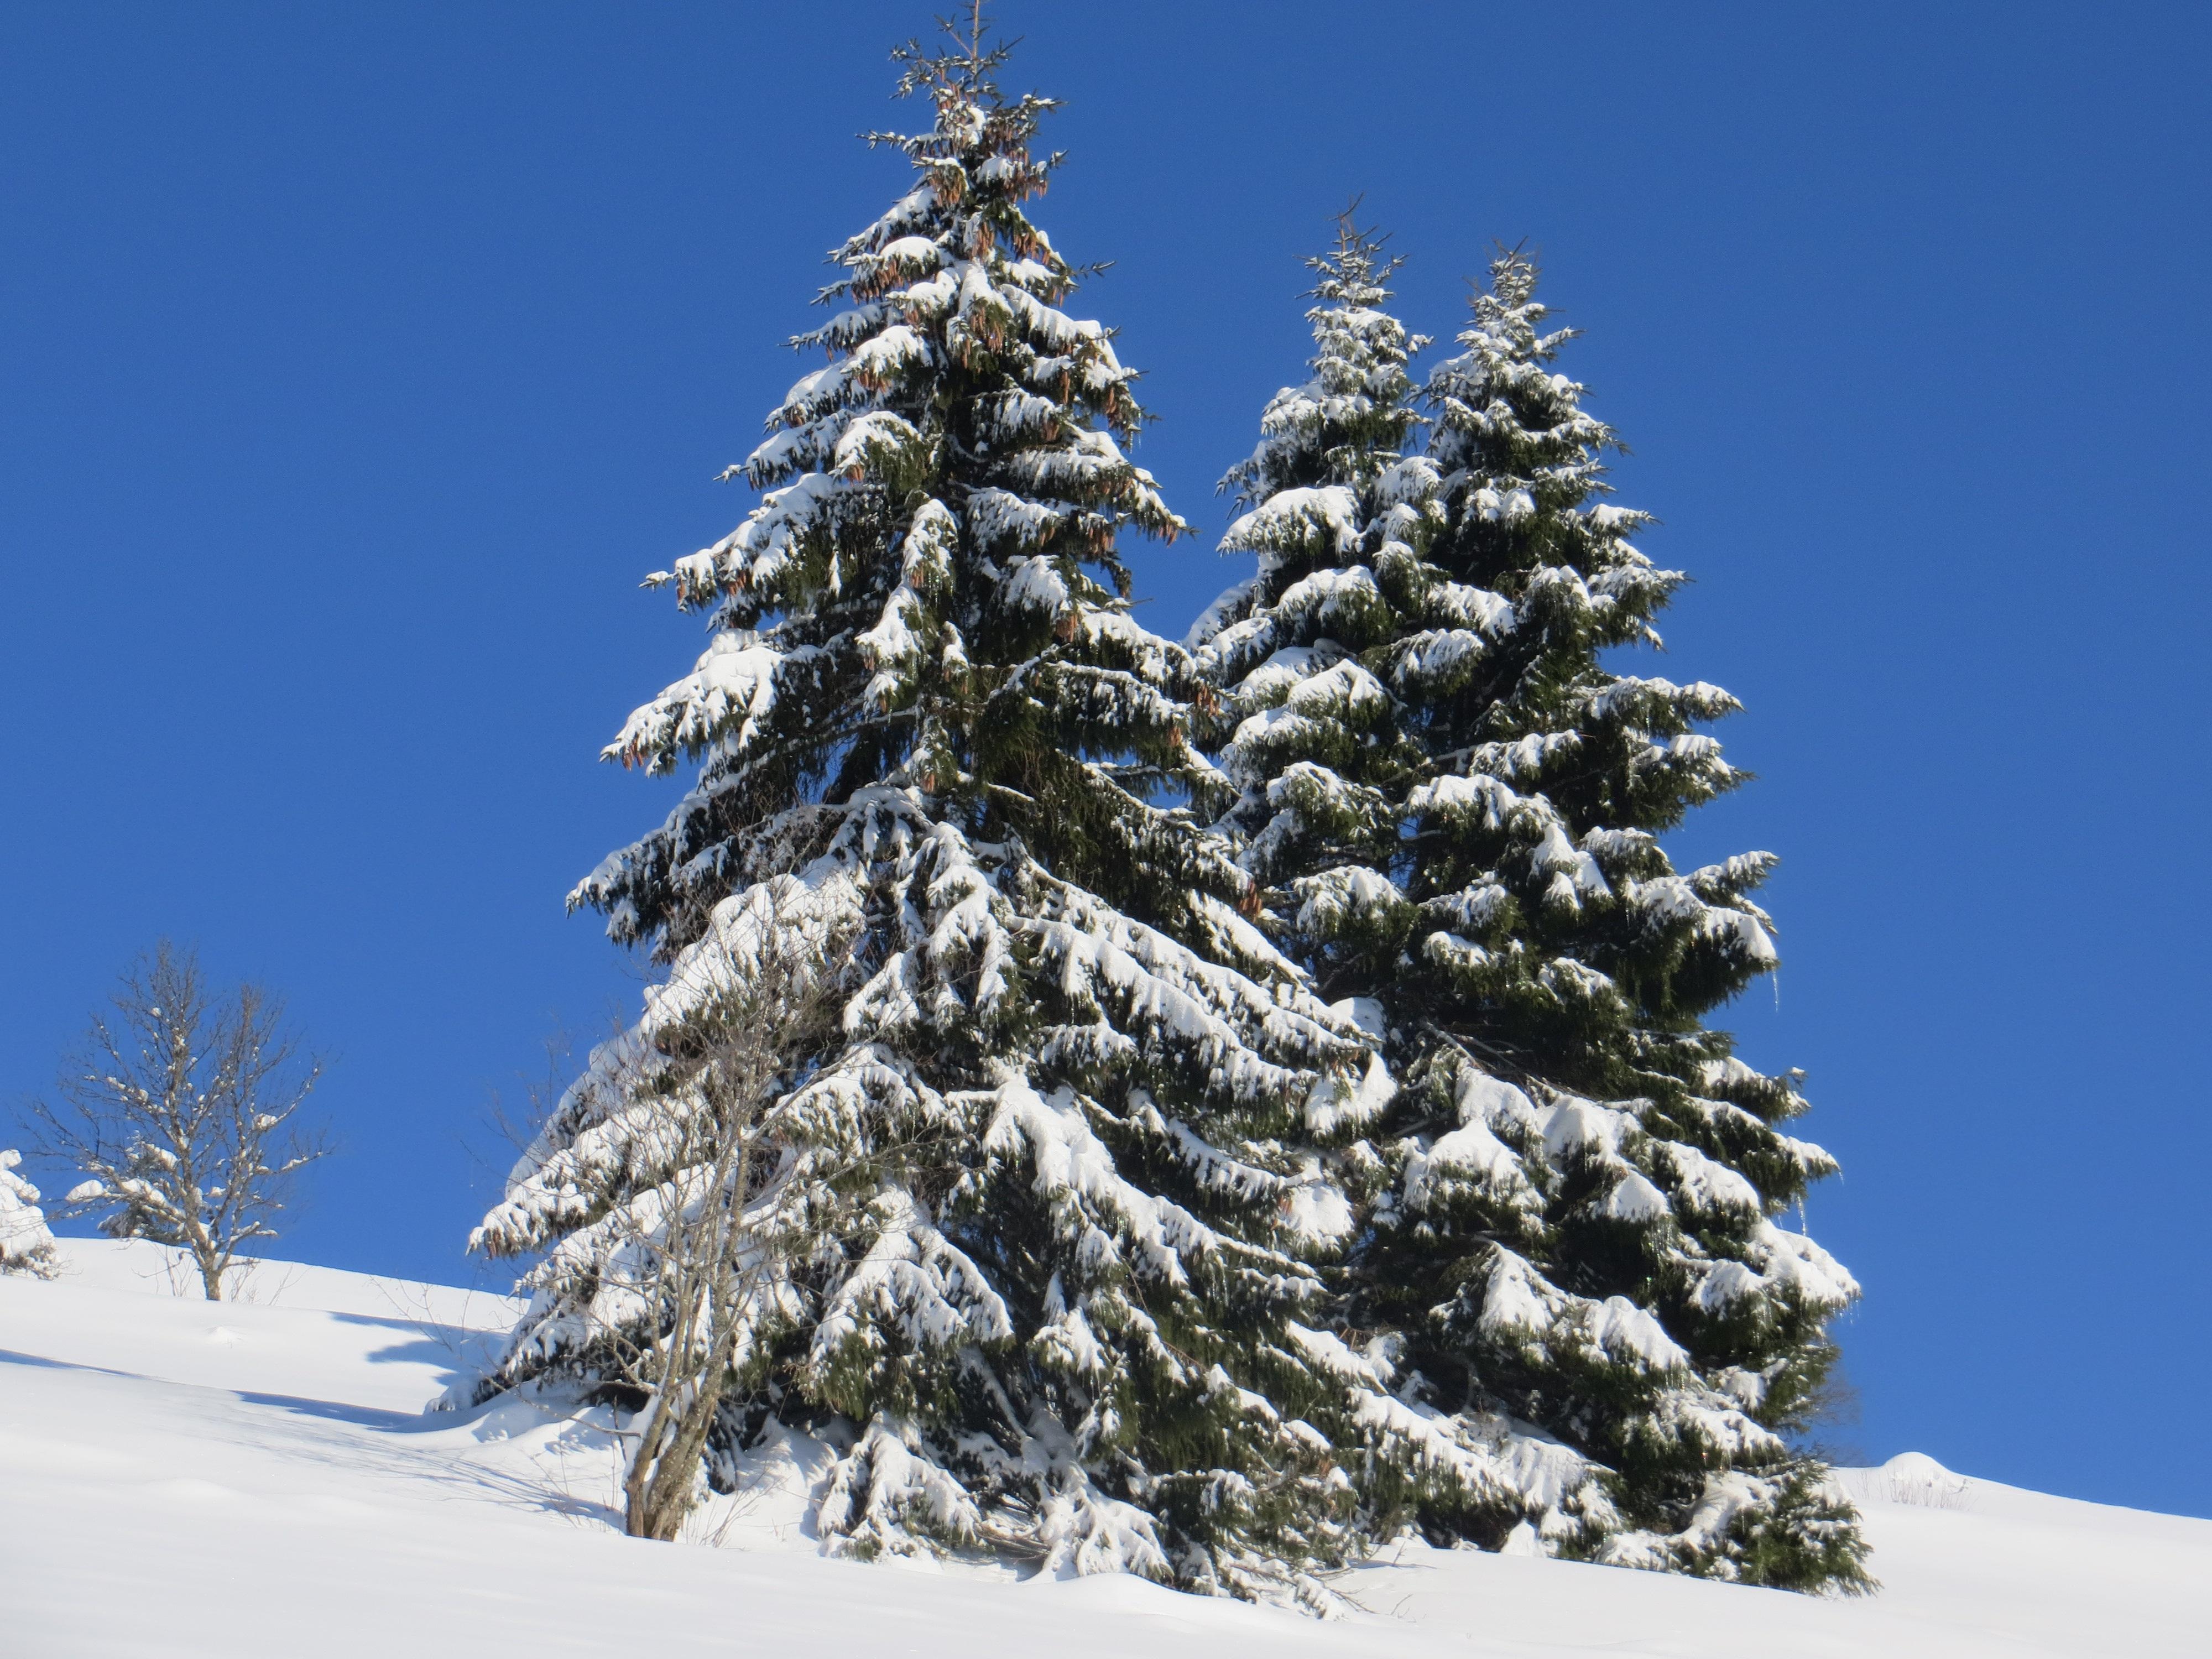 fotos gratis naturaleza rama nieve planta blanco hojas perennes clima nevado azul rbol de navidad temporada confera picea invernal